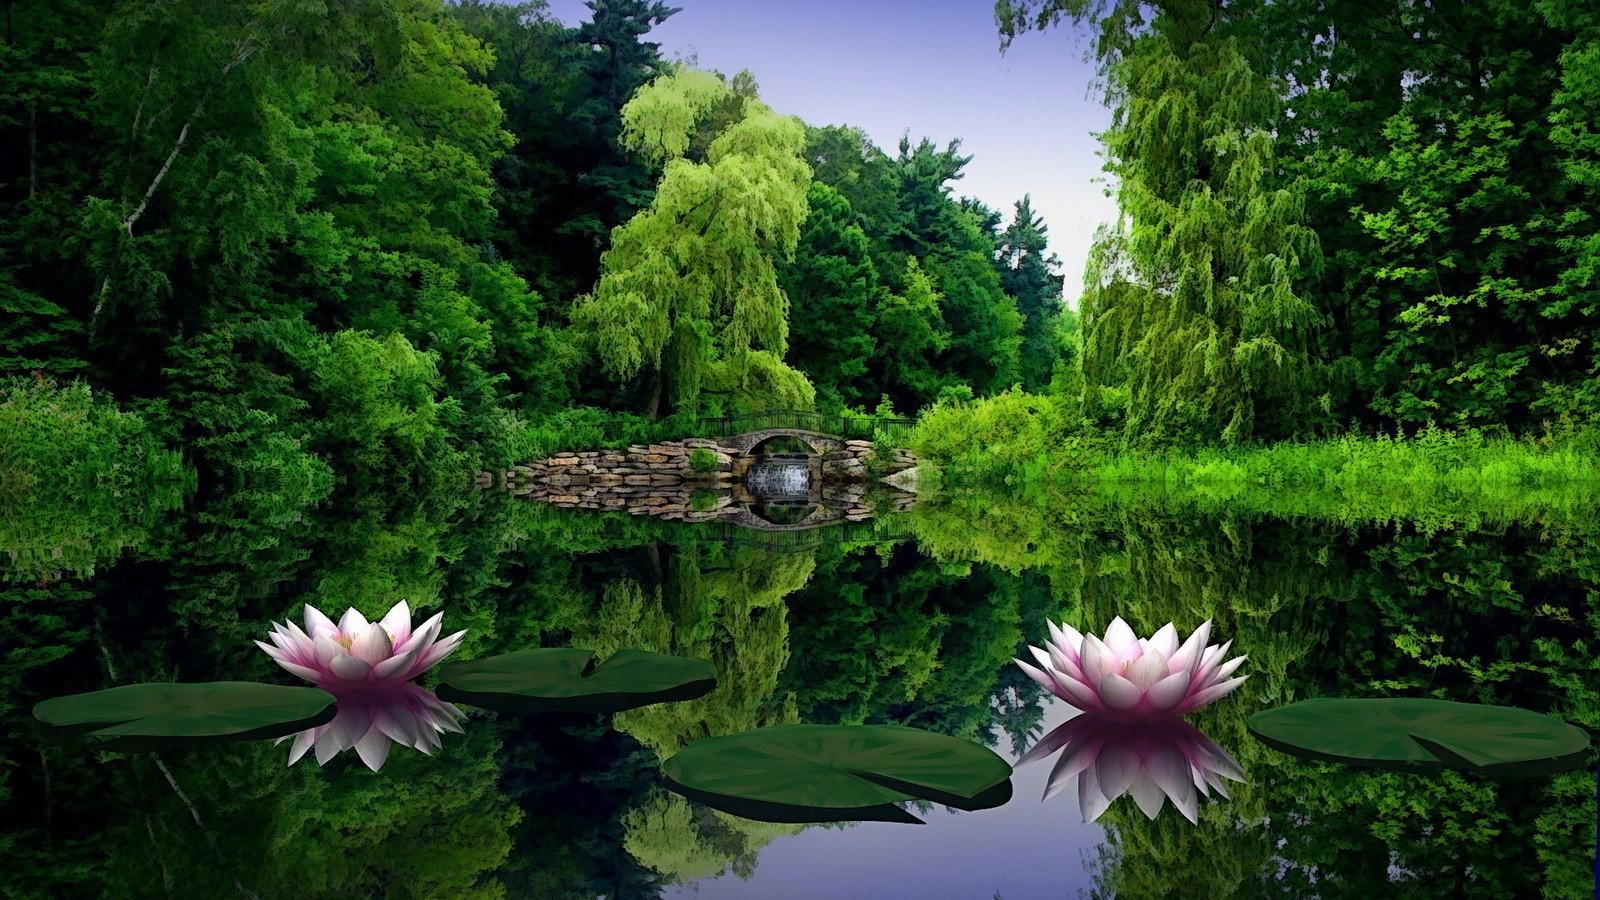 Download Green Nature Wallpaper 1600x900 Wallpoper 389759 1600x900